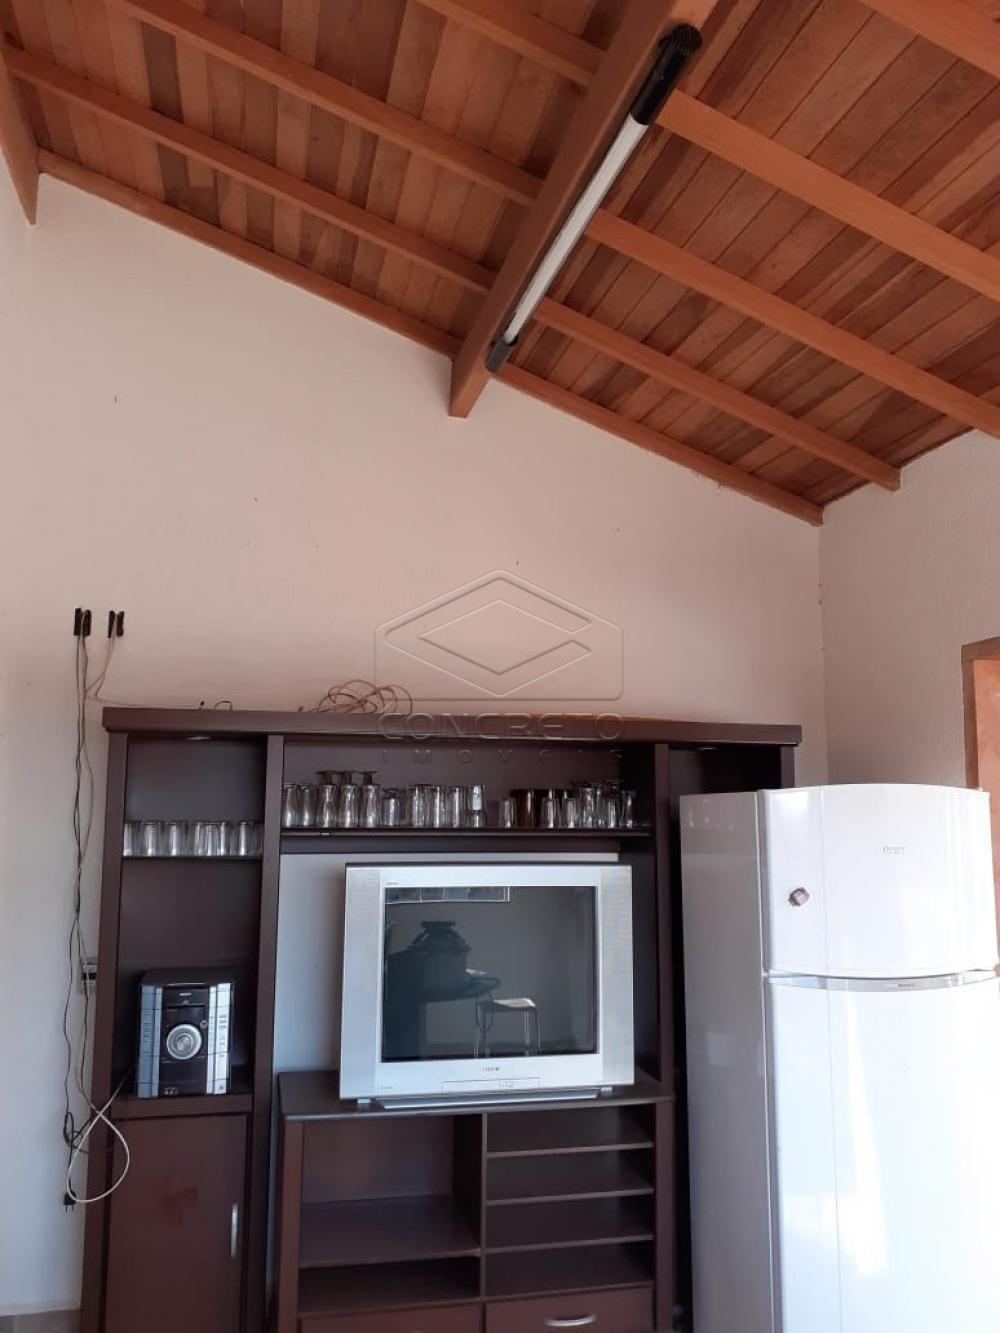 Comprar Casa / Padrão em Sao Manuel apenas R$ 1.250.000,00 - Foto 27